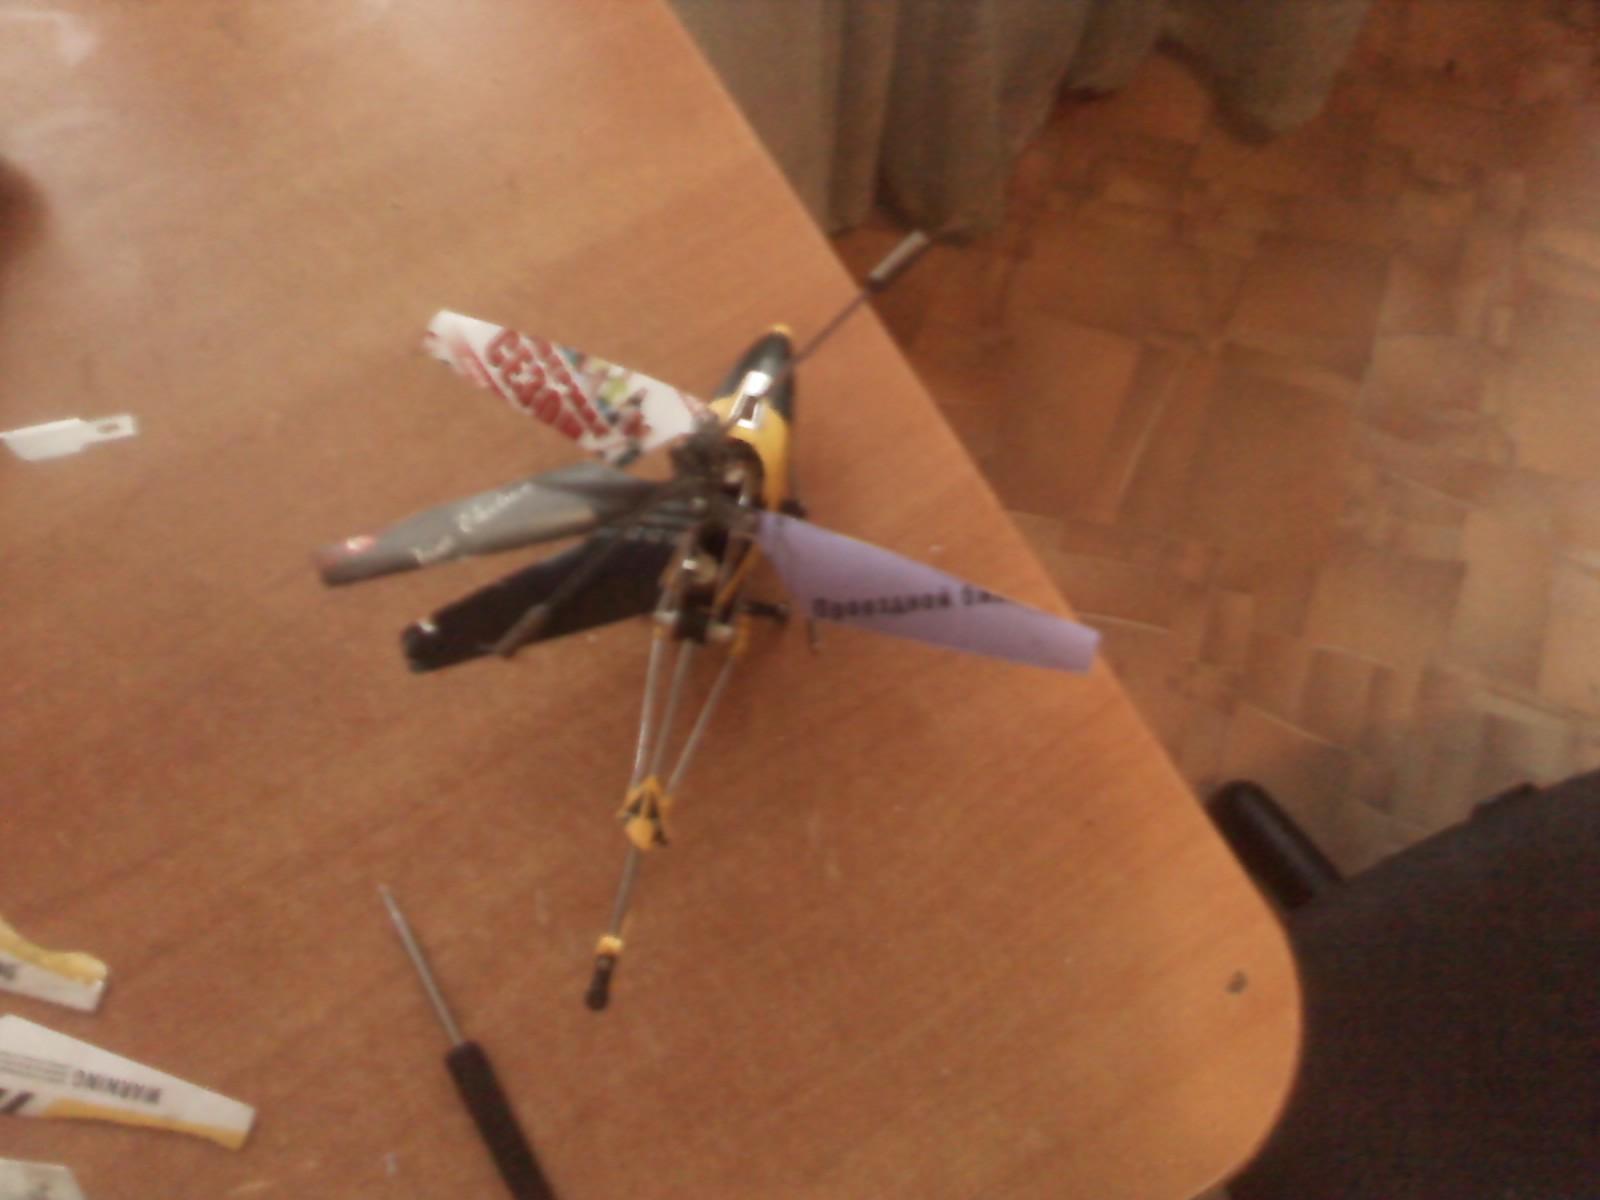 Самодельный вертолёт: фото с описанием, видео полёта 40